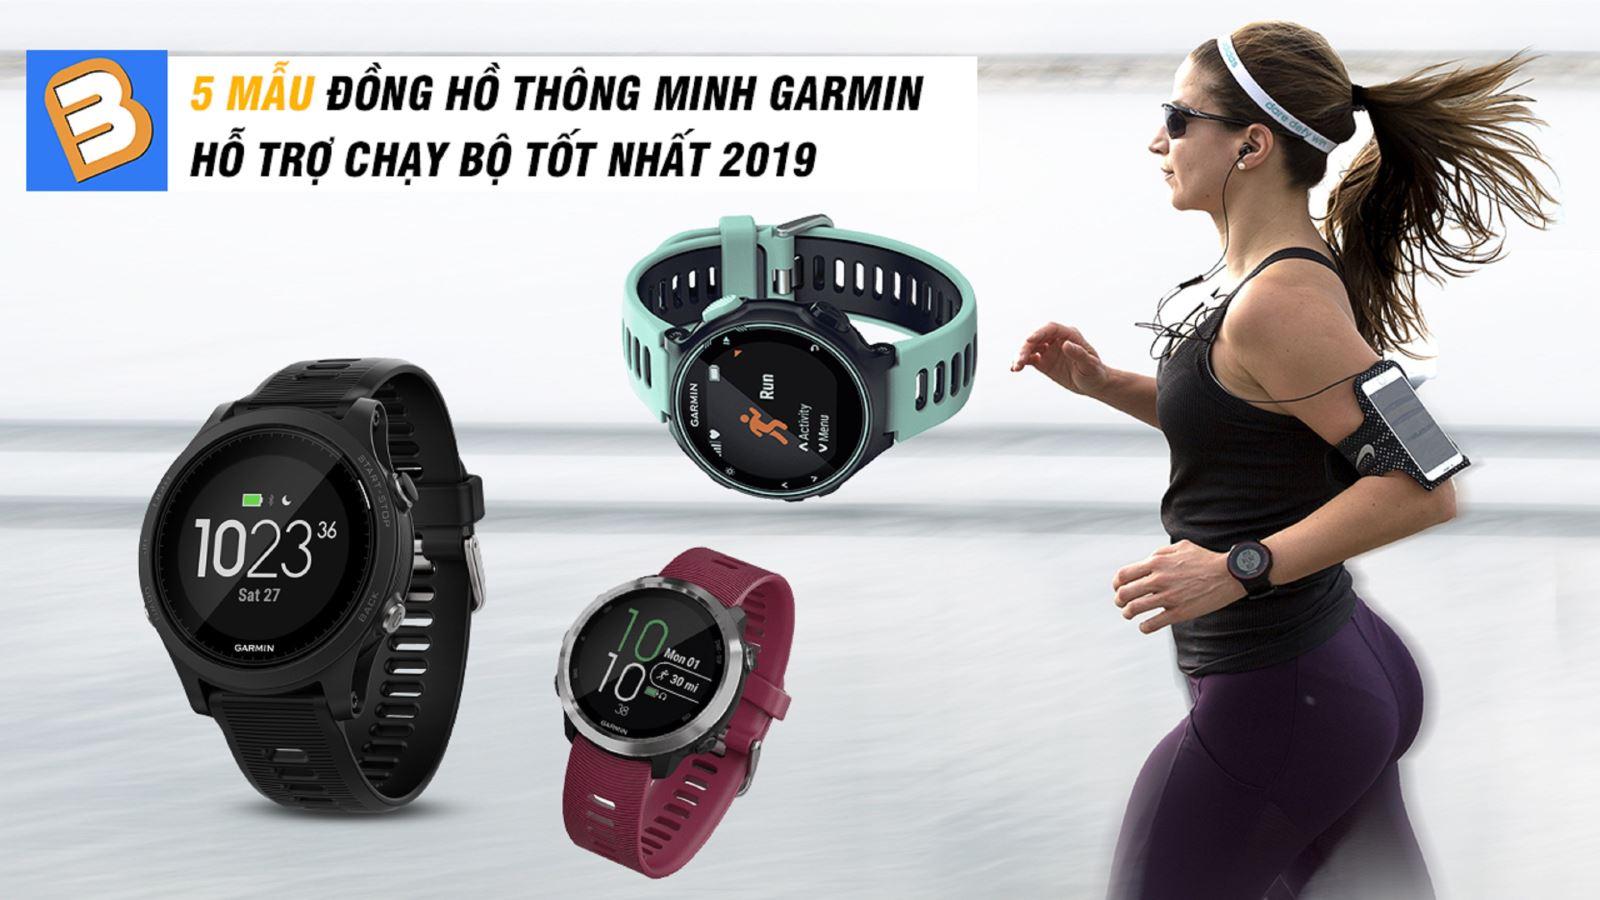 5 mẫu đồng hồ thông minh Garmin hỗ trợ chạy bộ tốt nhất 2019